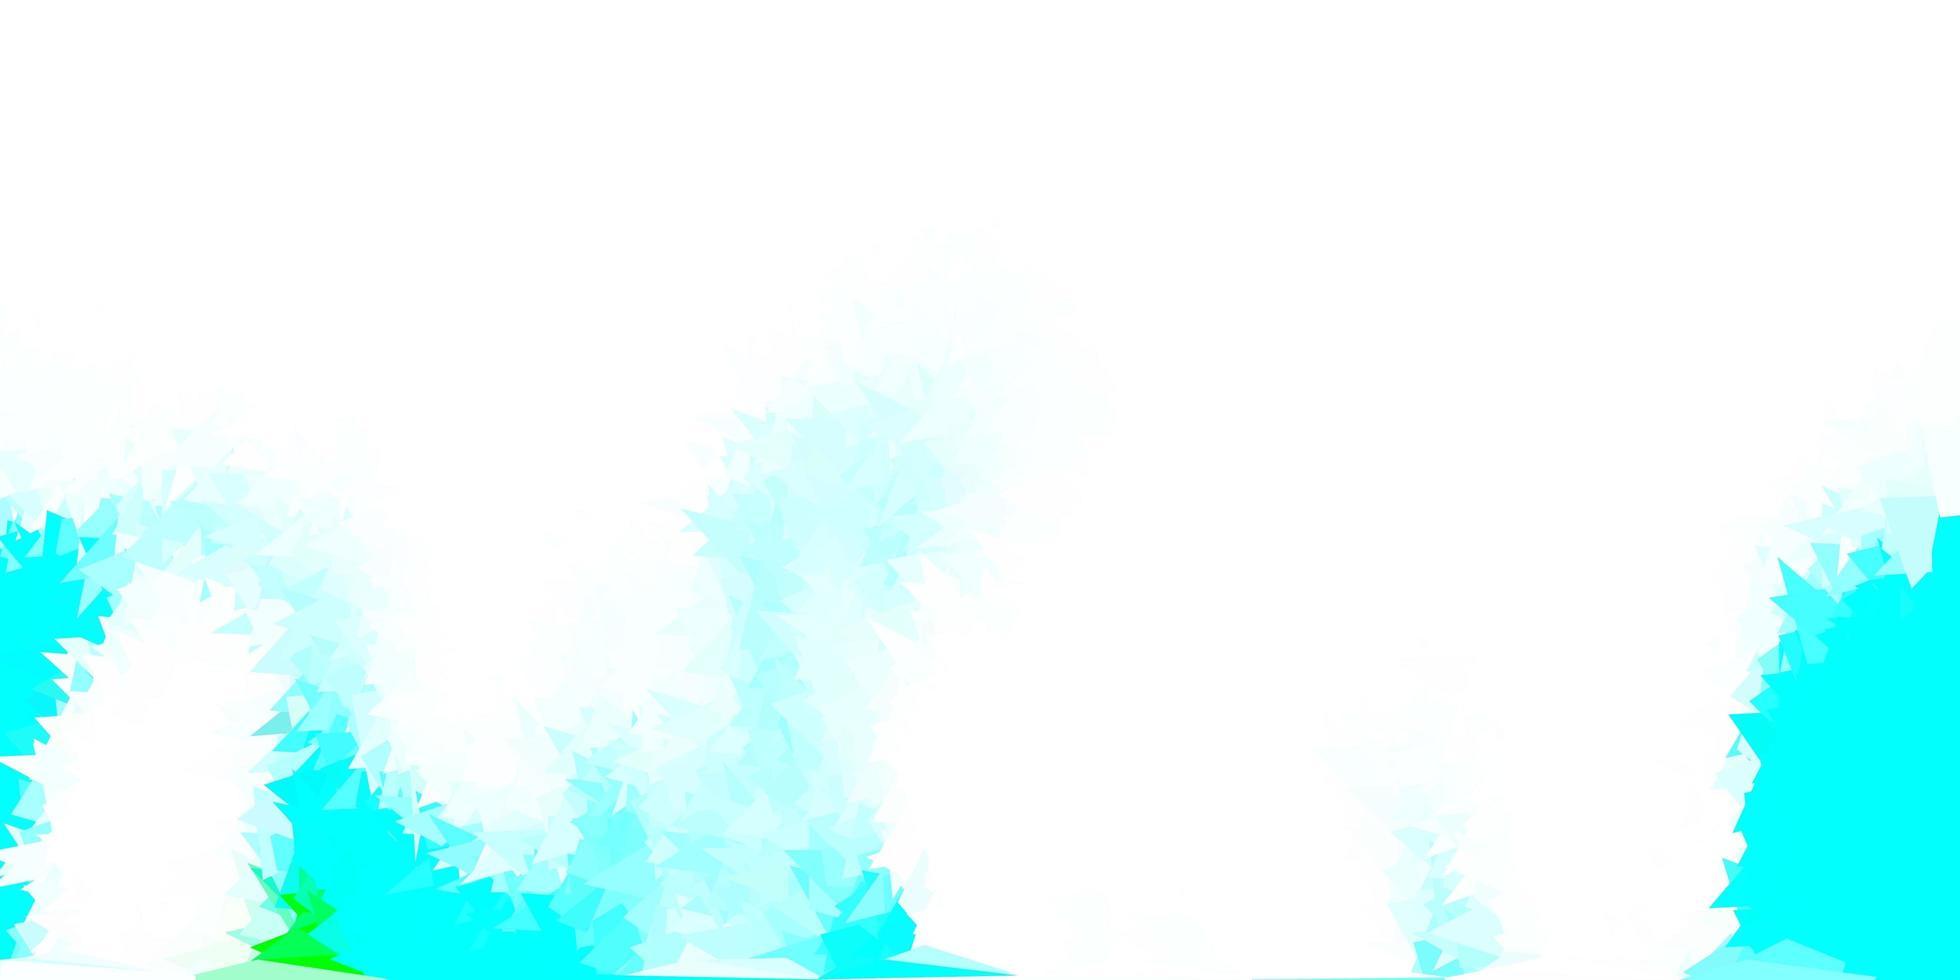 lichtblauwe, groene vector driehoek mozaïek achtergrond.